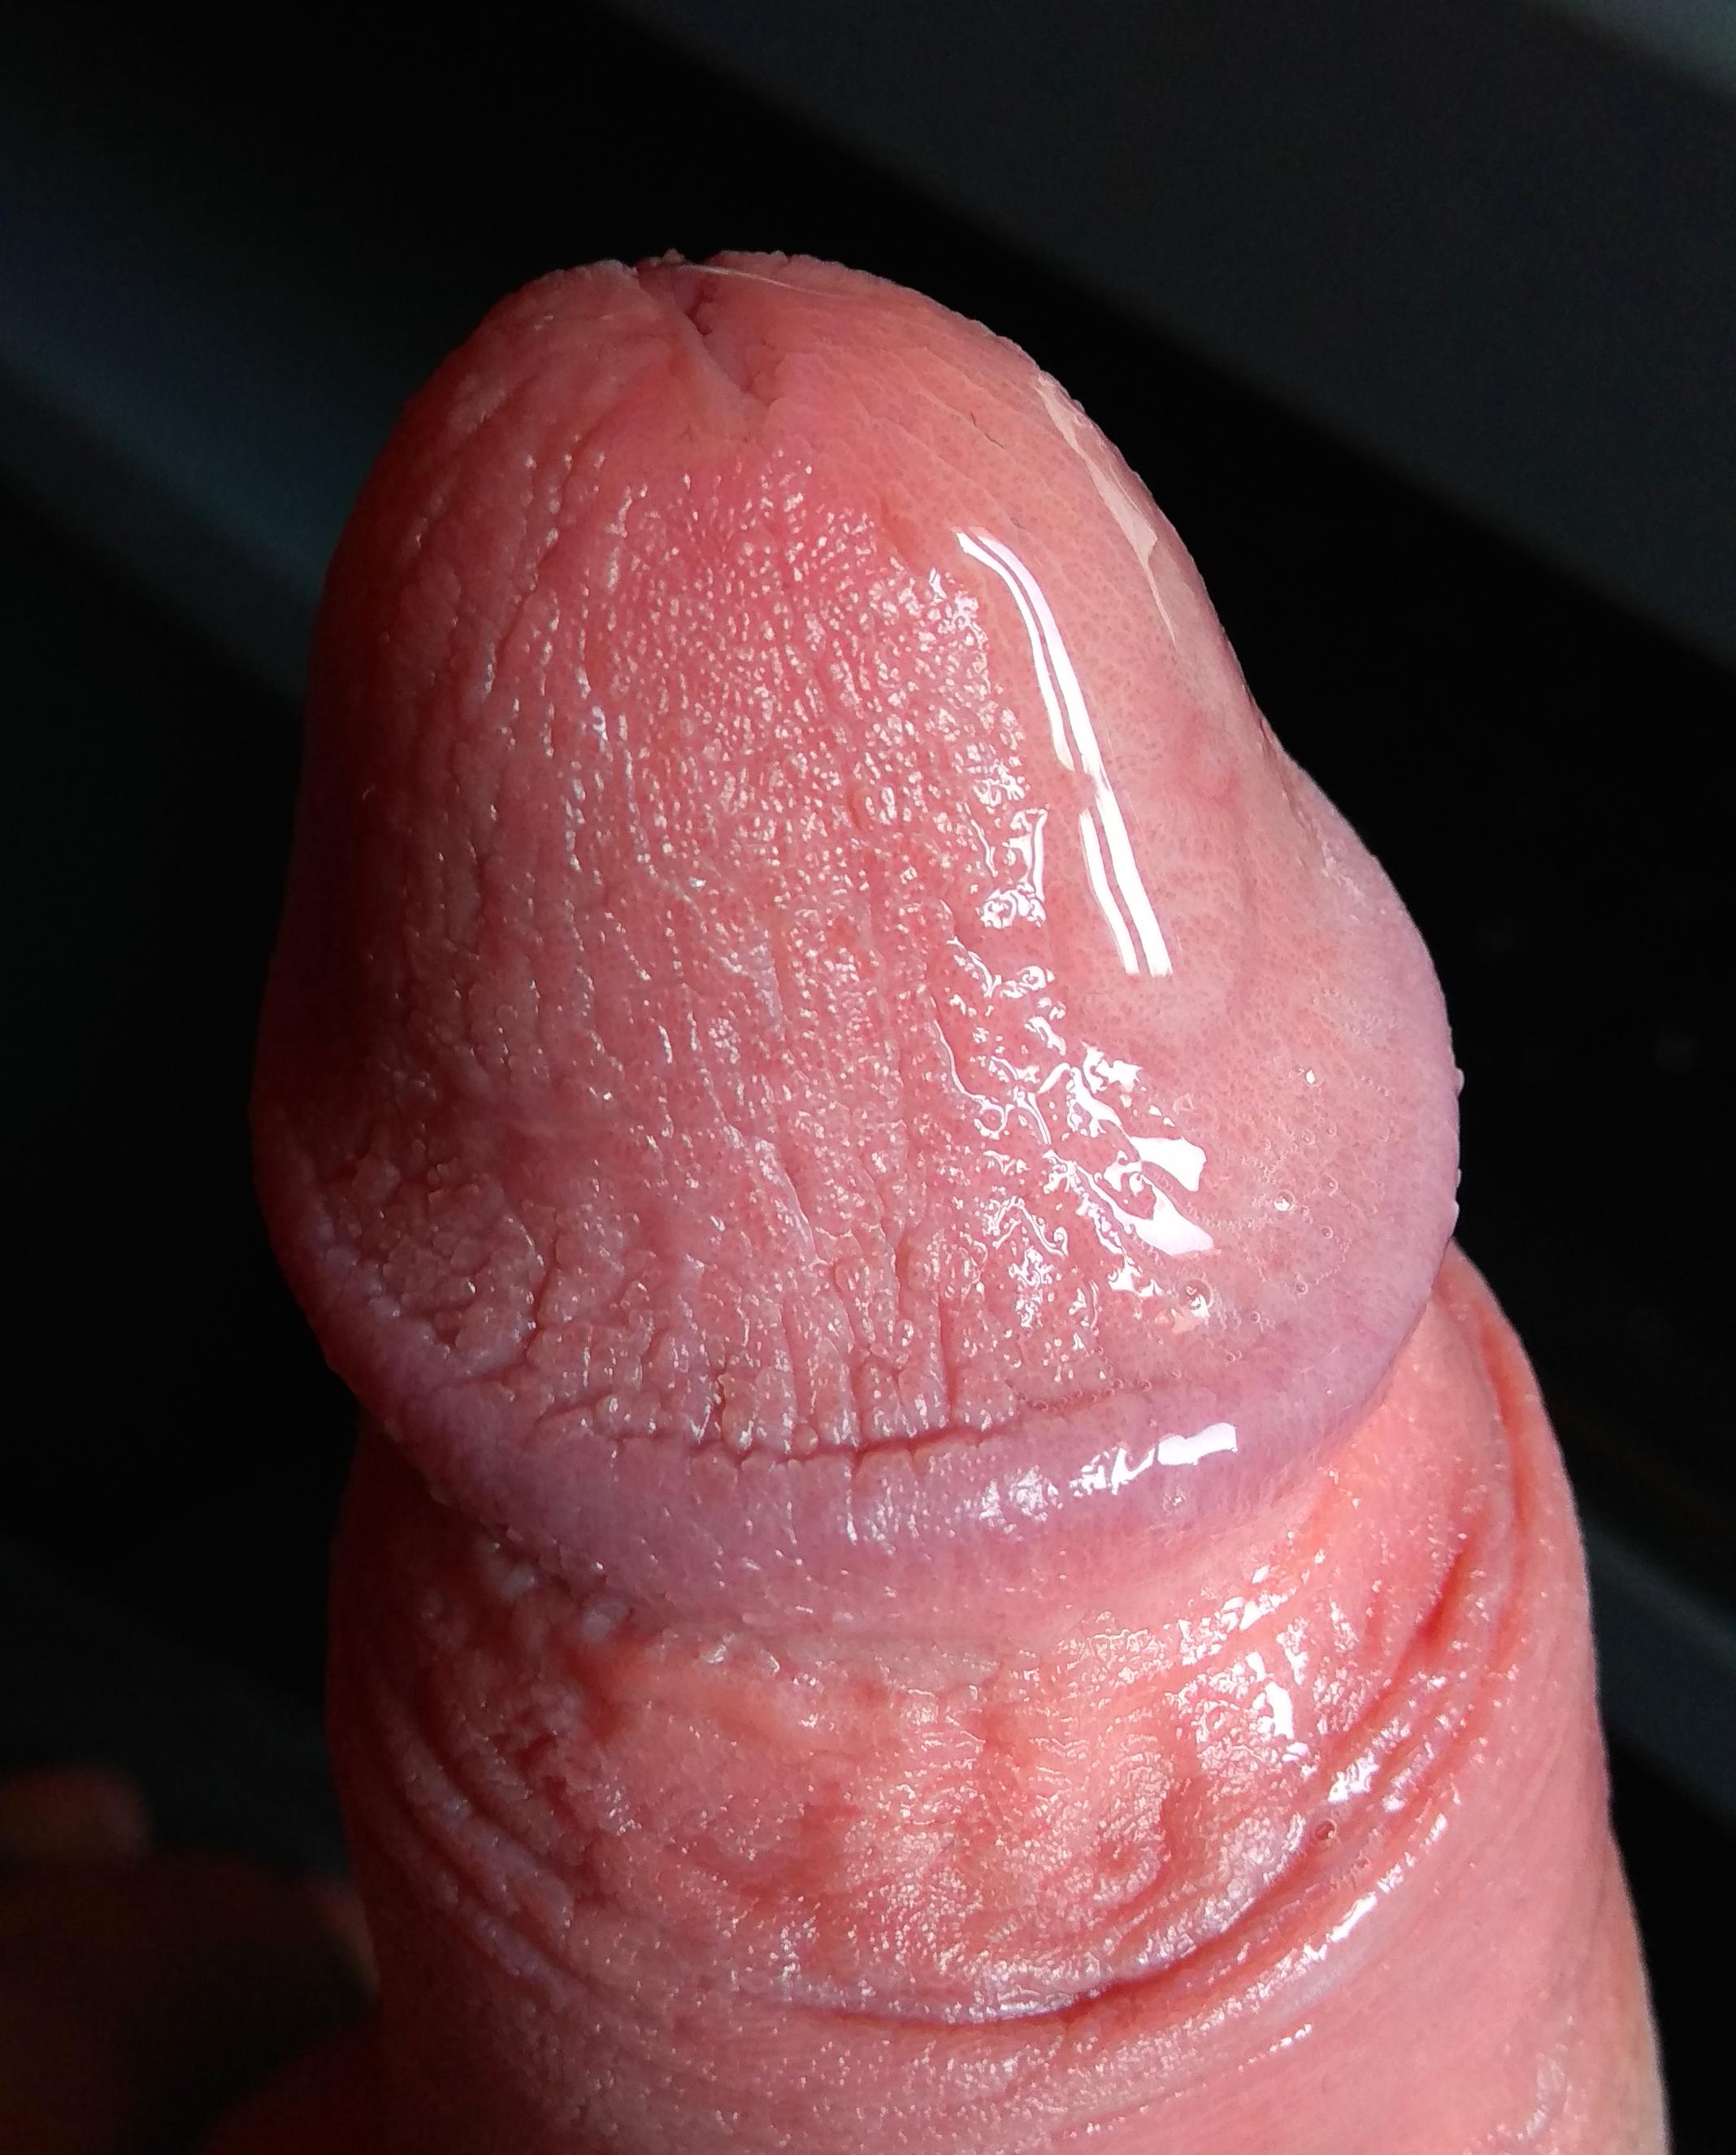 legjobb pénisz hüvely anyaga